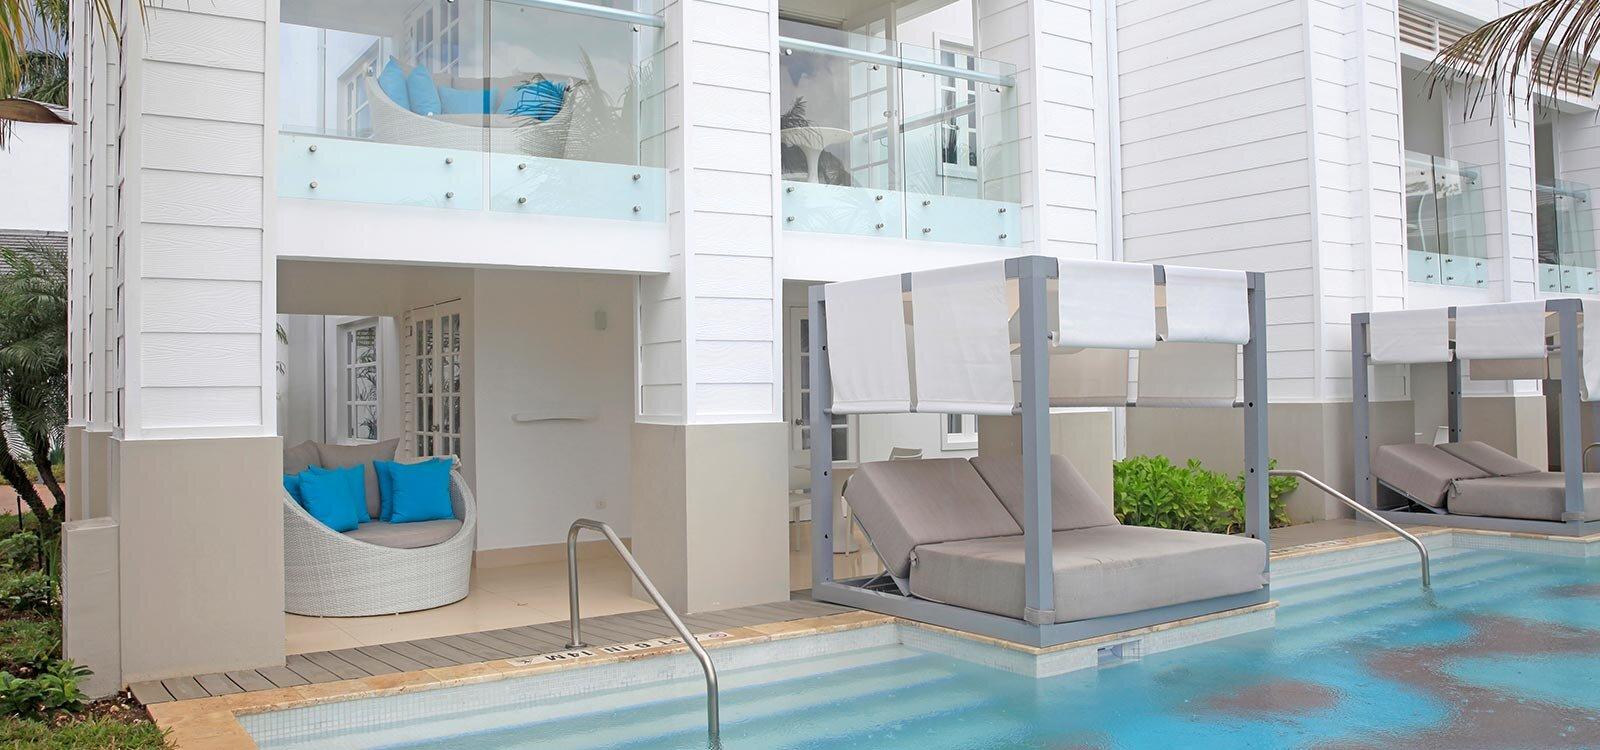 AZSJ-Ocean-Front-Honeymoon-Swim-Up-Suite_1600x750.jpg